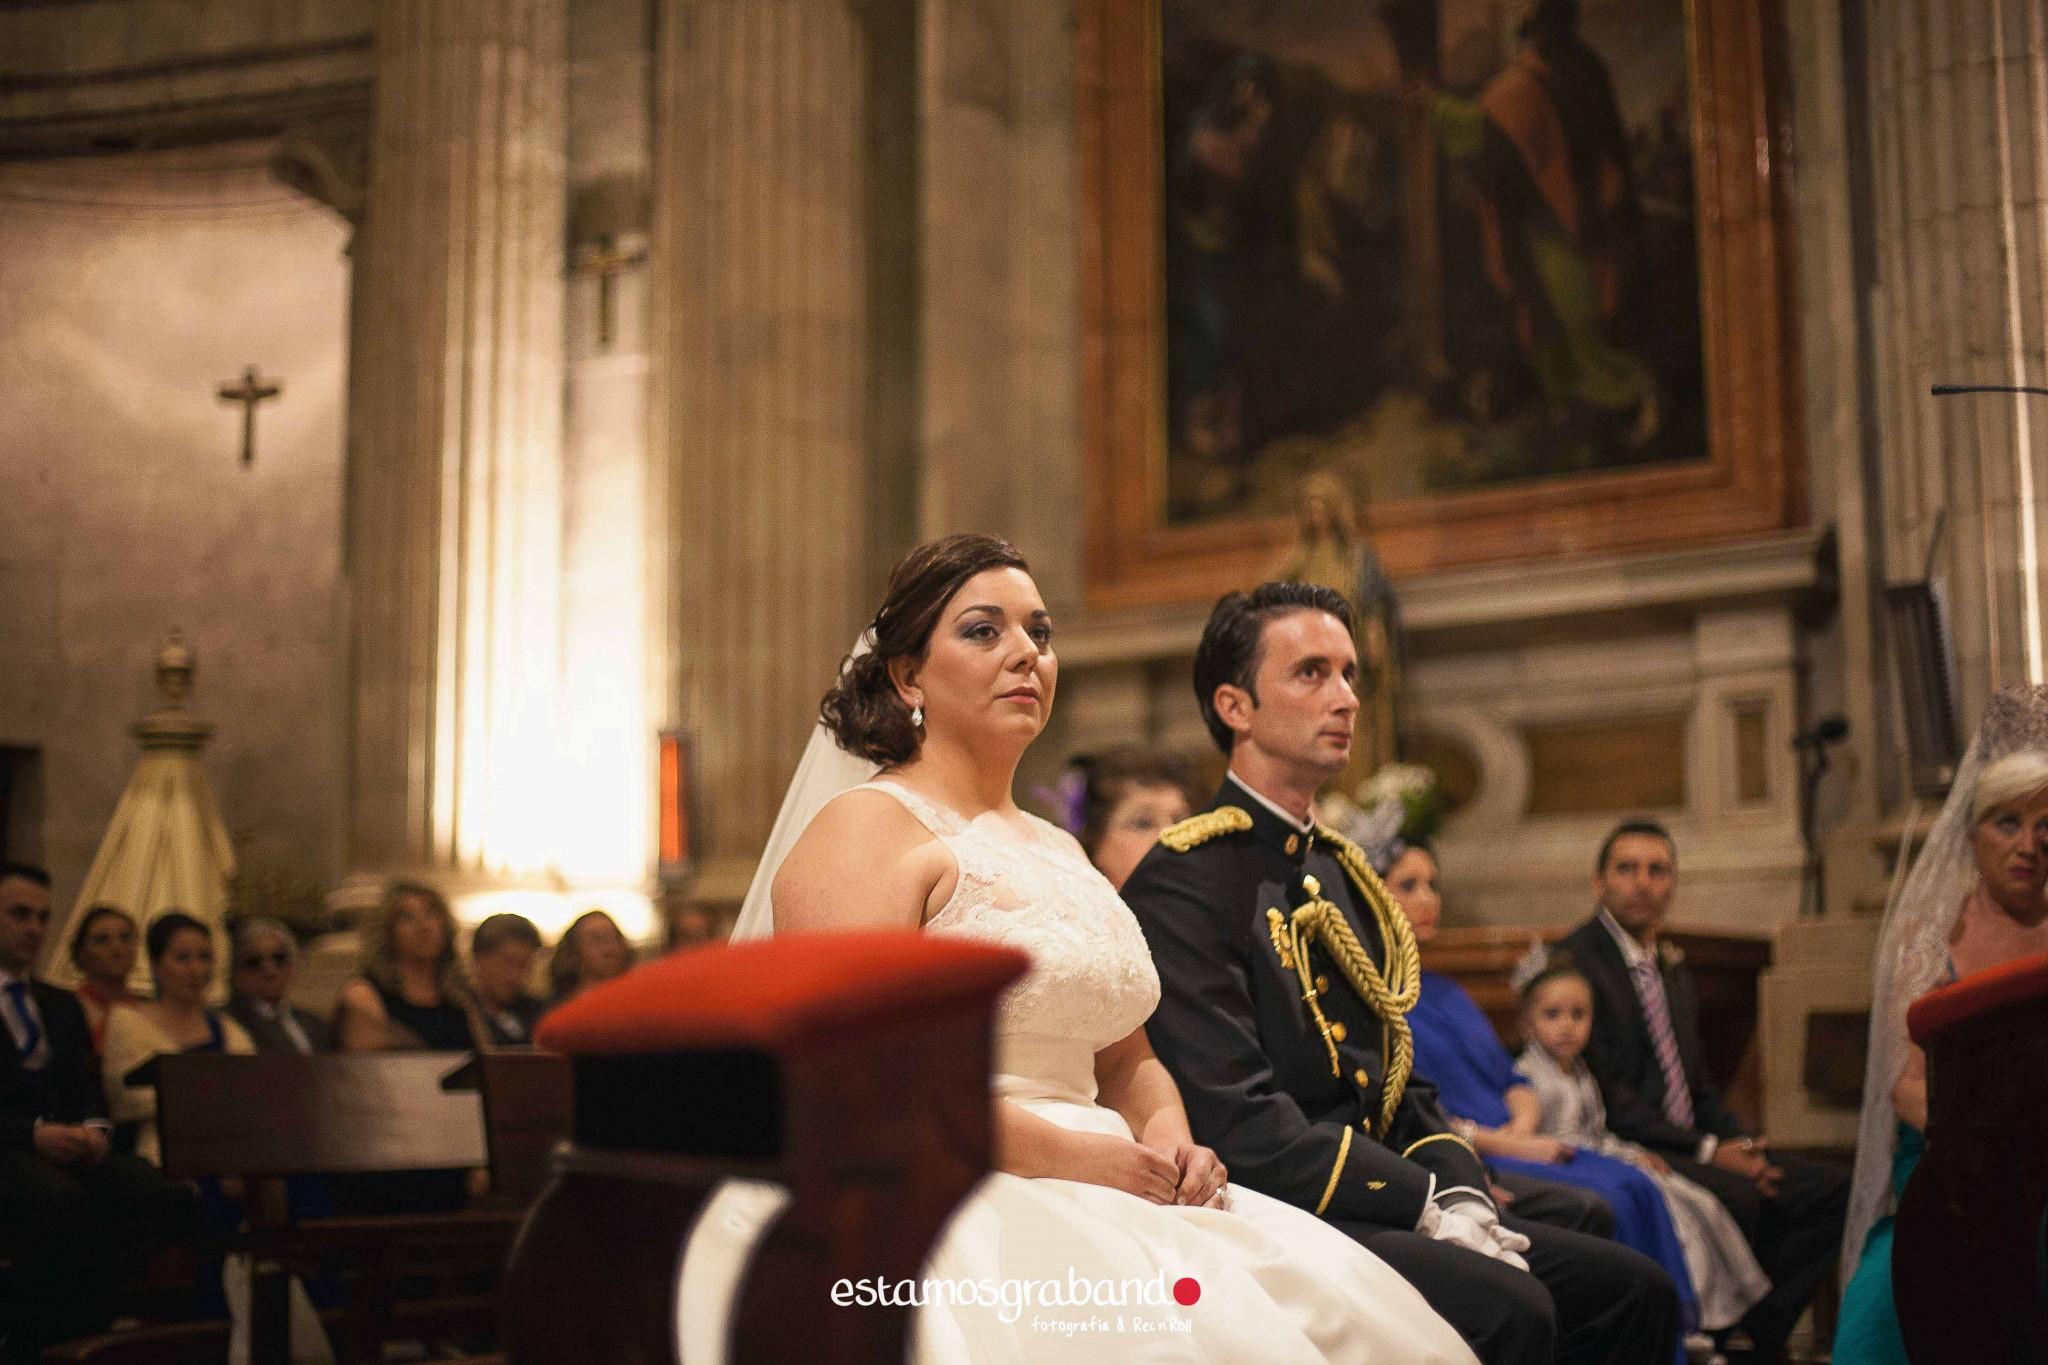 amparo-agustin_fotografia-boda_boda-jaen_jaen-fotografia-bodas_reportaje-boda_reportaje-boda-jaen_fotos-boda_fotos-jaen-15 ¡Alto ahi! [Boda Amparo & Agustín_Fotografía de bodas en Jaén] - video boda cadiz